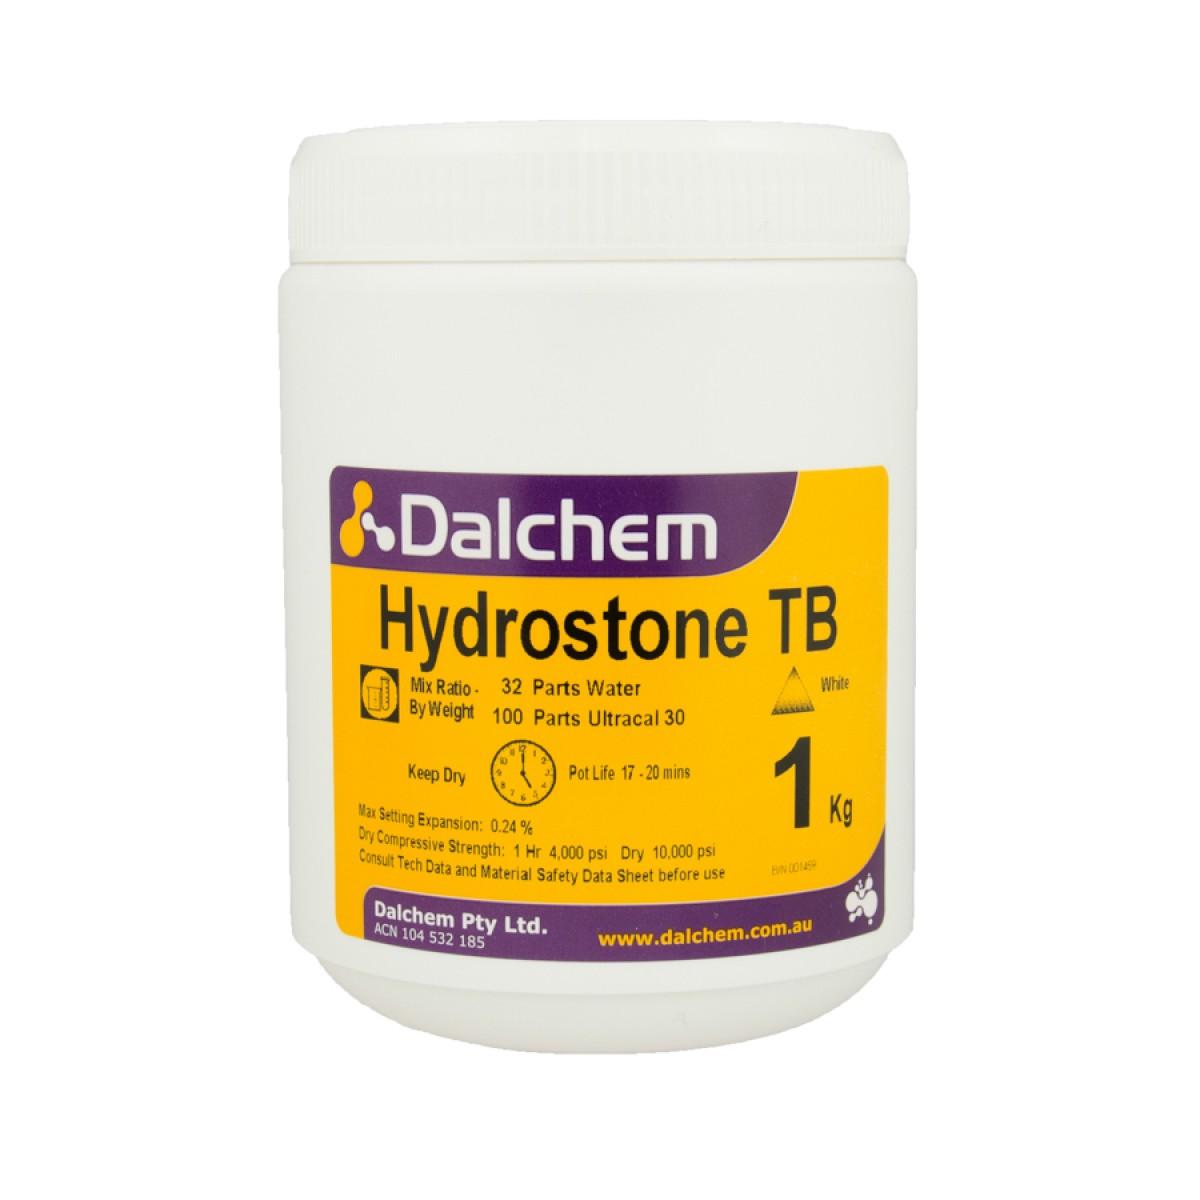 Usg Gypsum Plaster : Hydrostone gypsum plaster dalchem